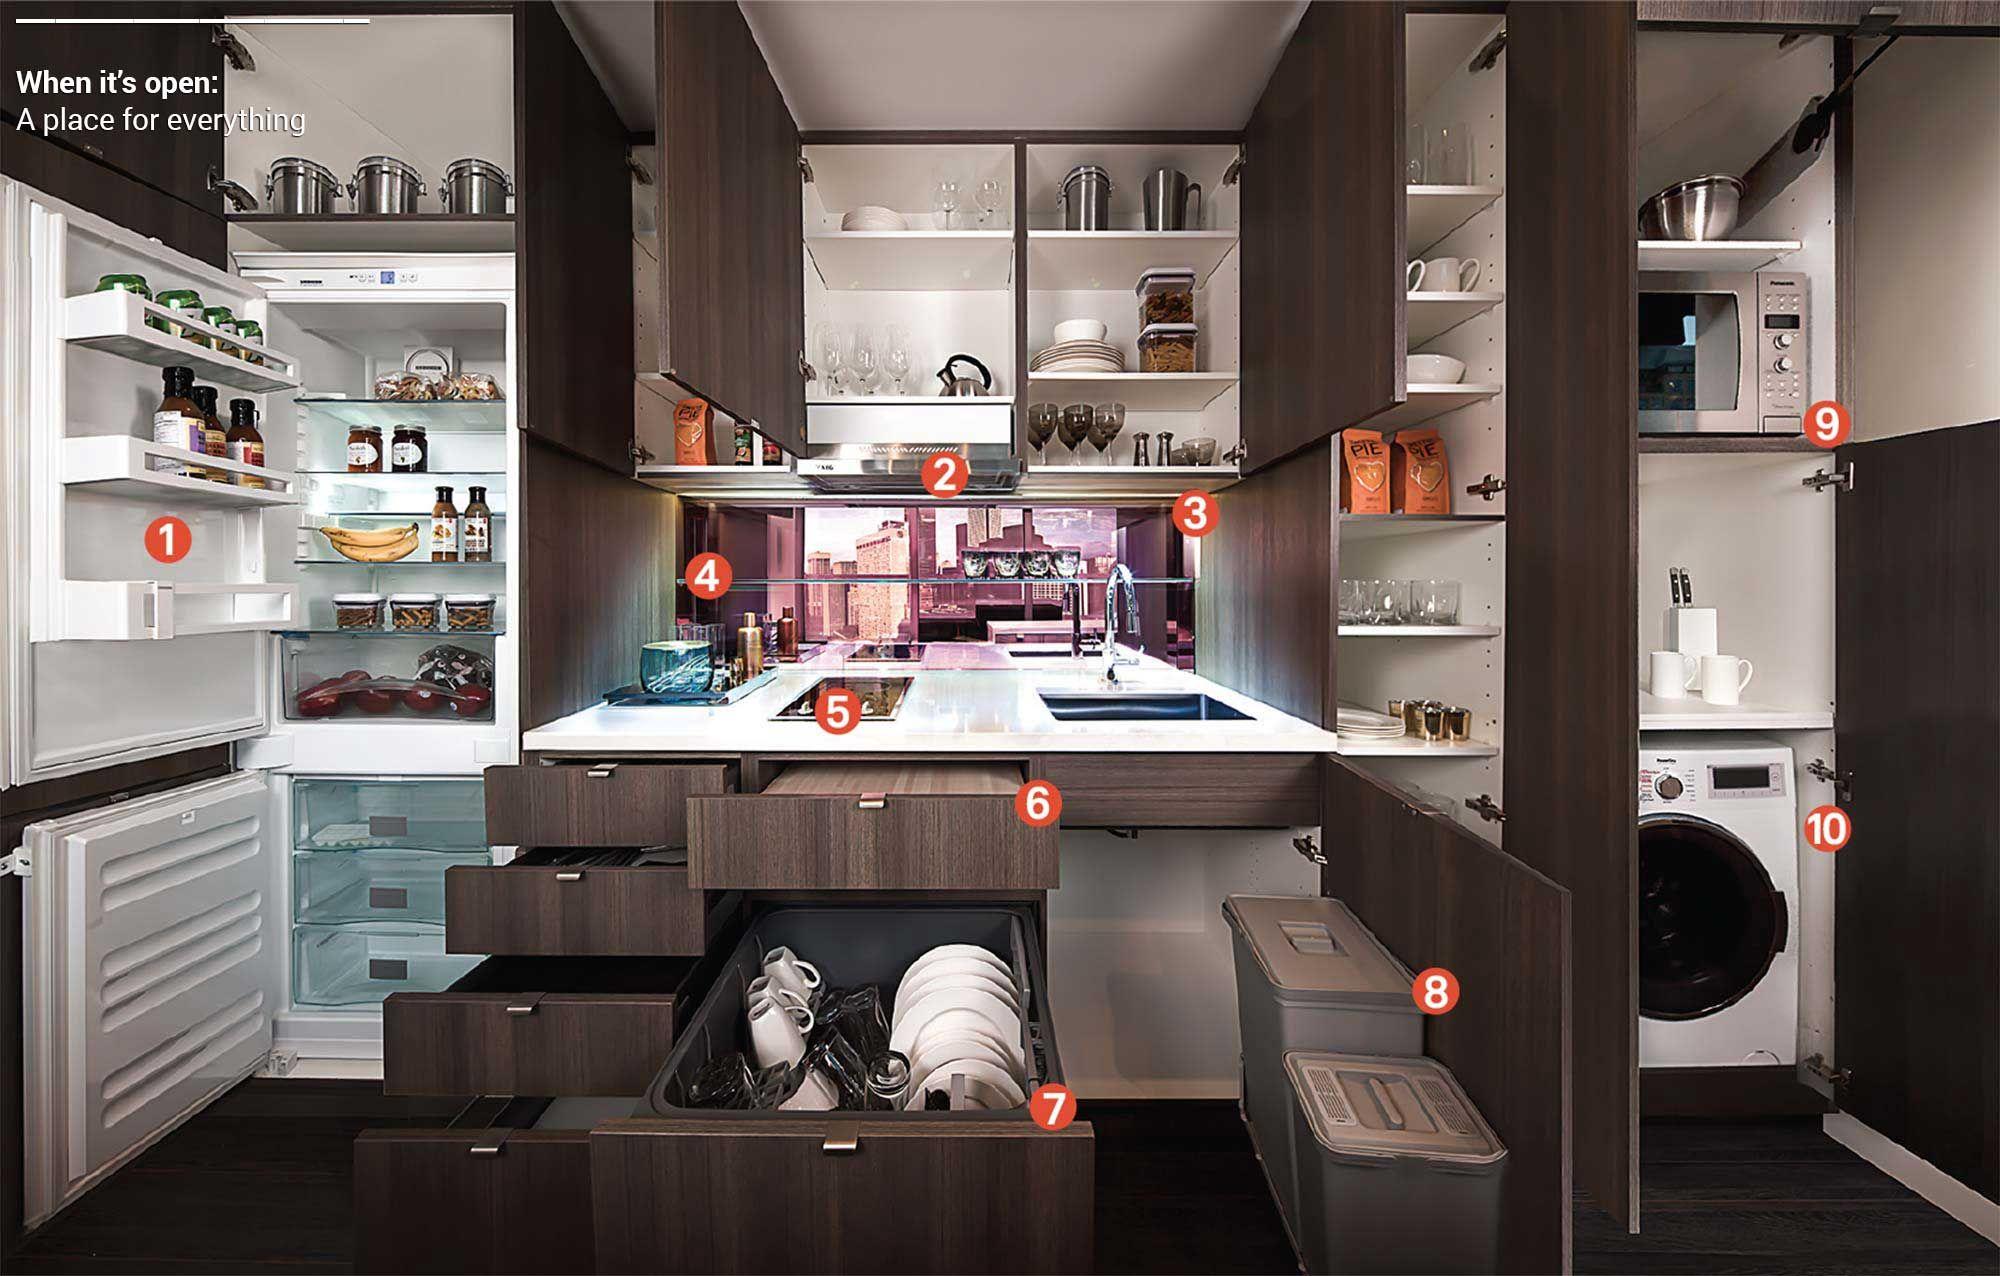 Küchendesign einfach klein top  intelligente küchenlösungen  in   küche design